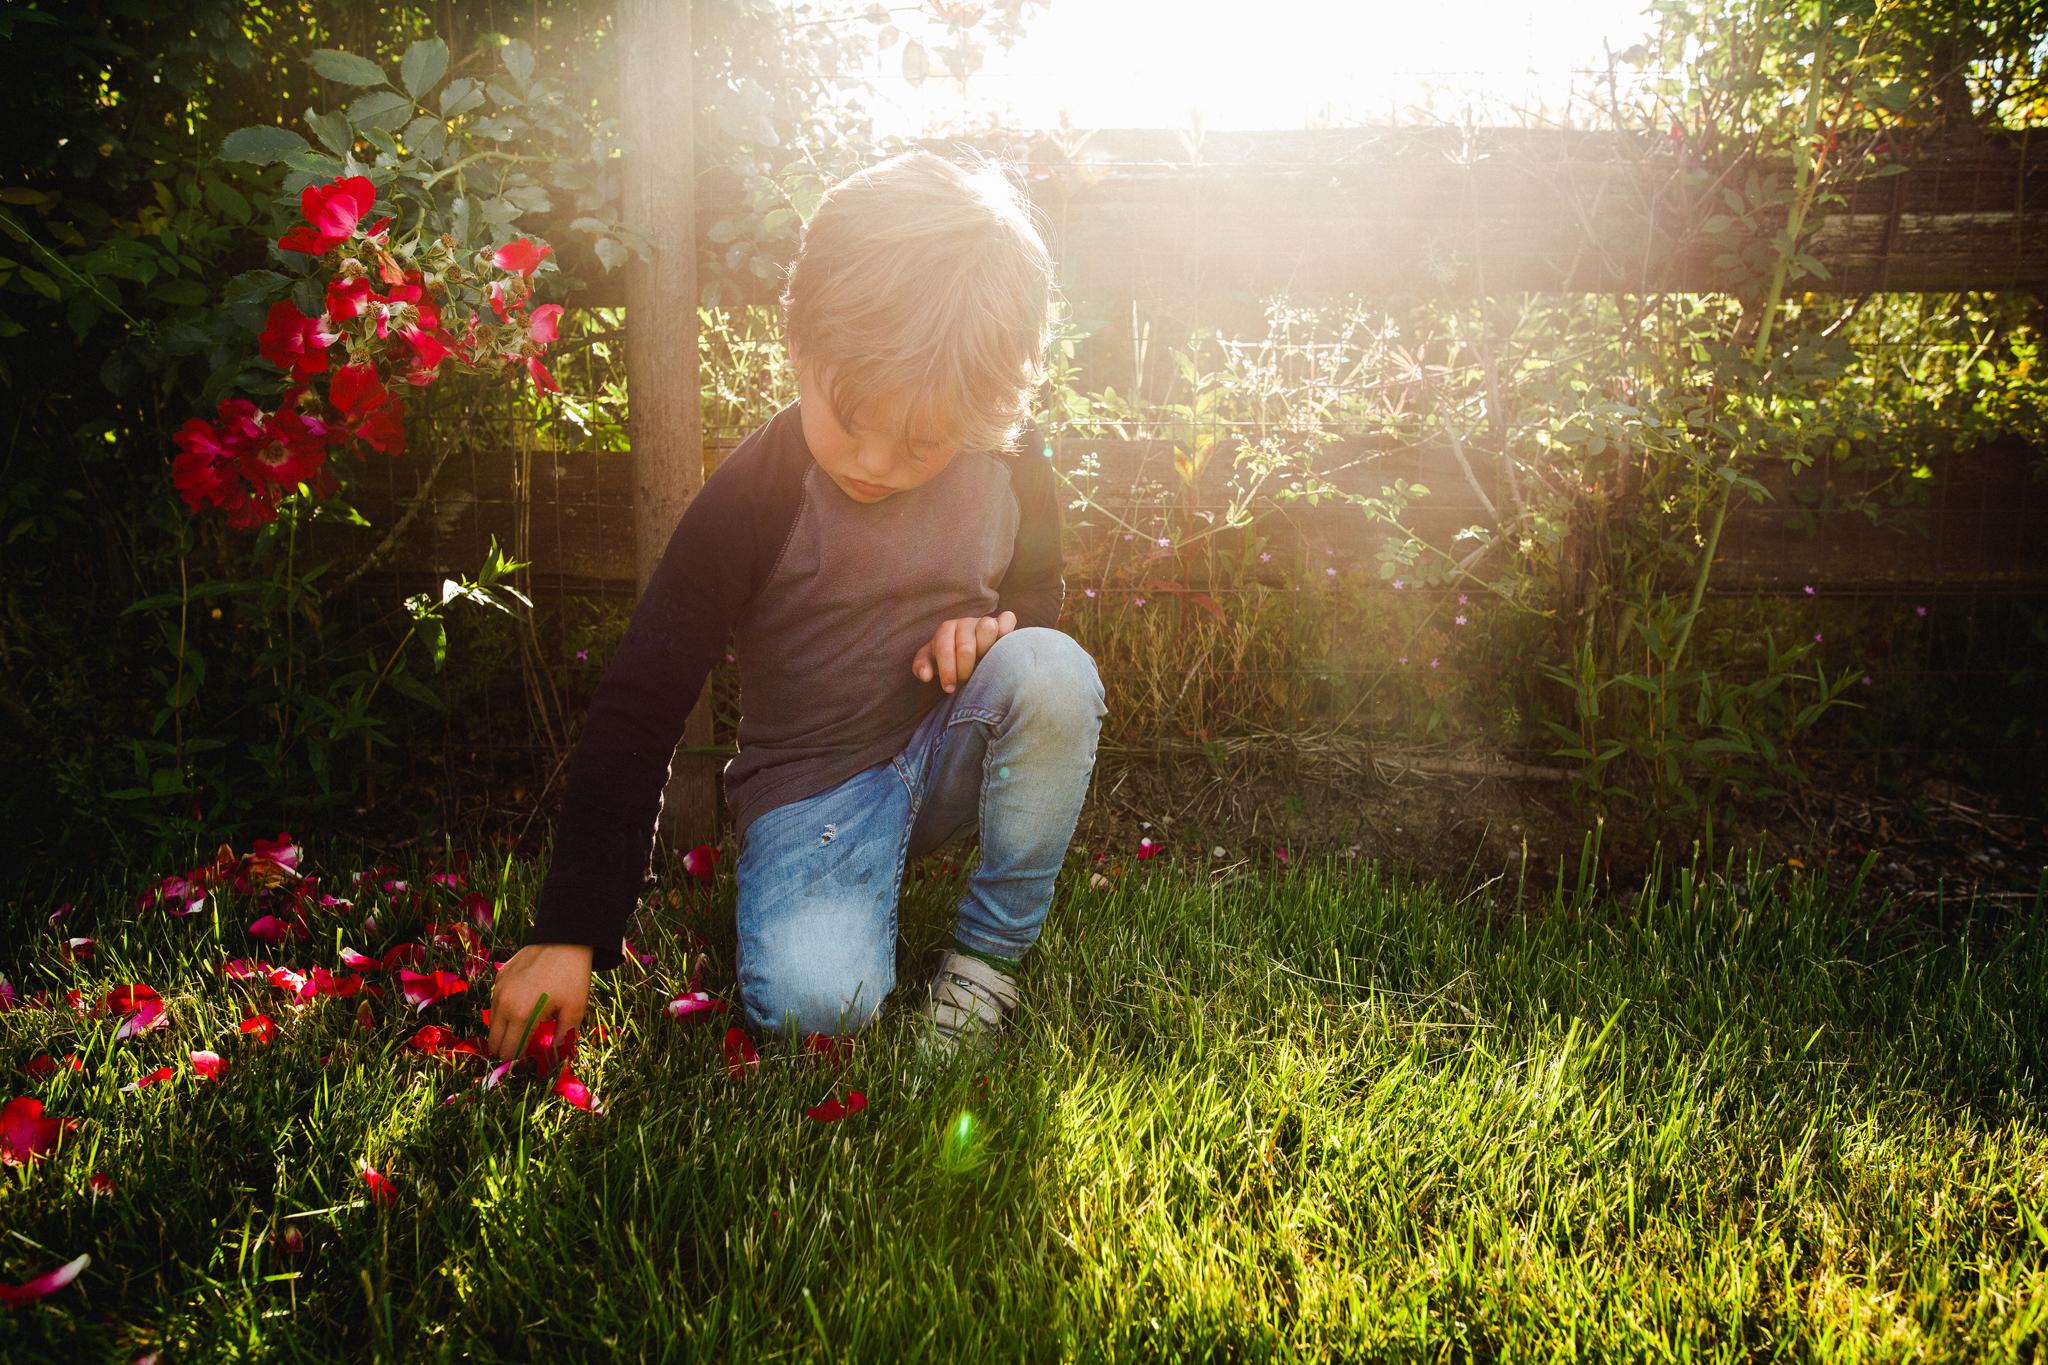 Atticus rose petals-1.jpg